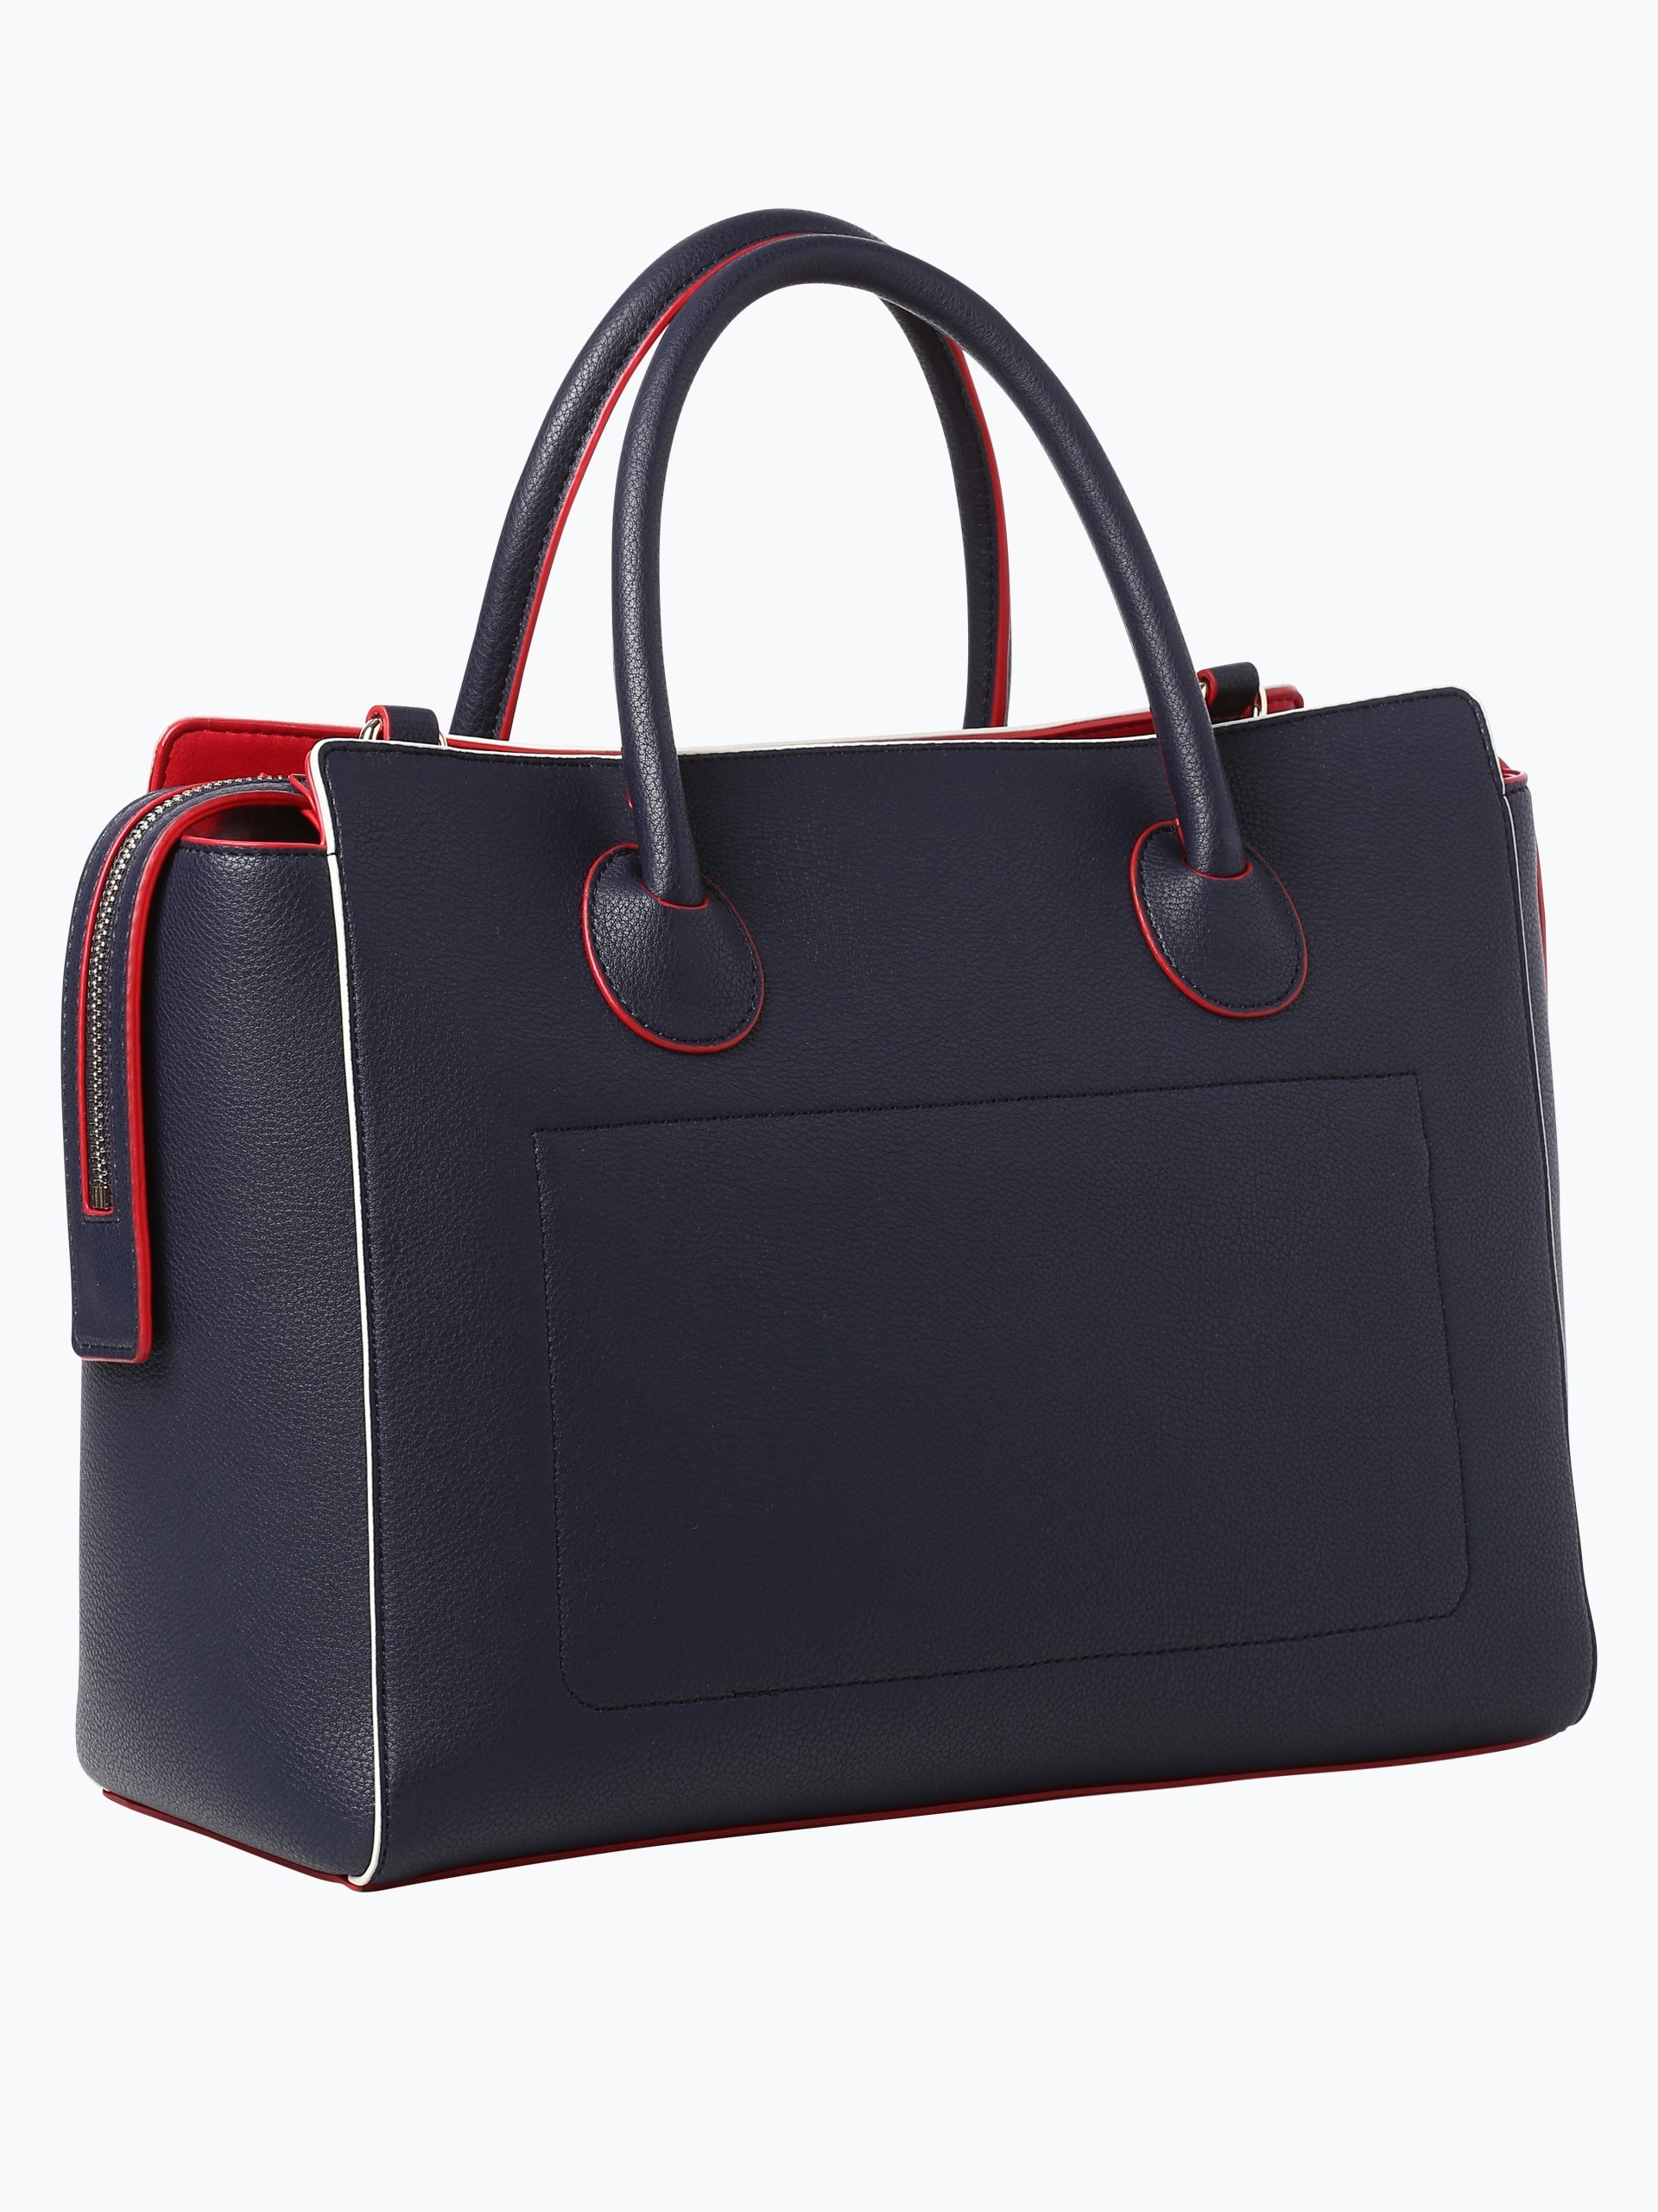 tommy hilfiger damen handtasche online kaufen peek und. Black Bedroom Furniture Sets. Home Design Ideas